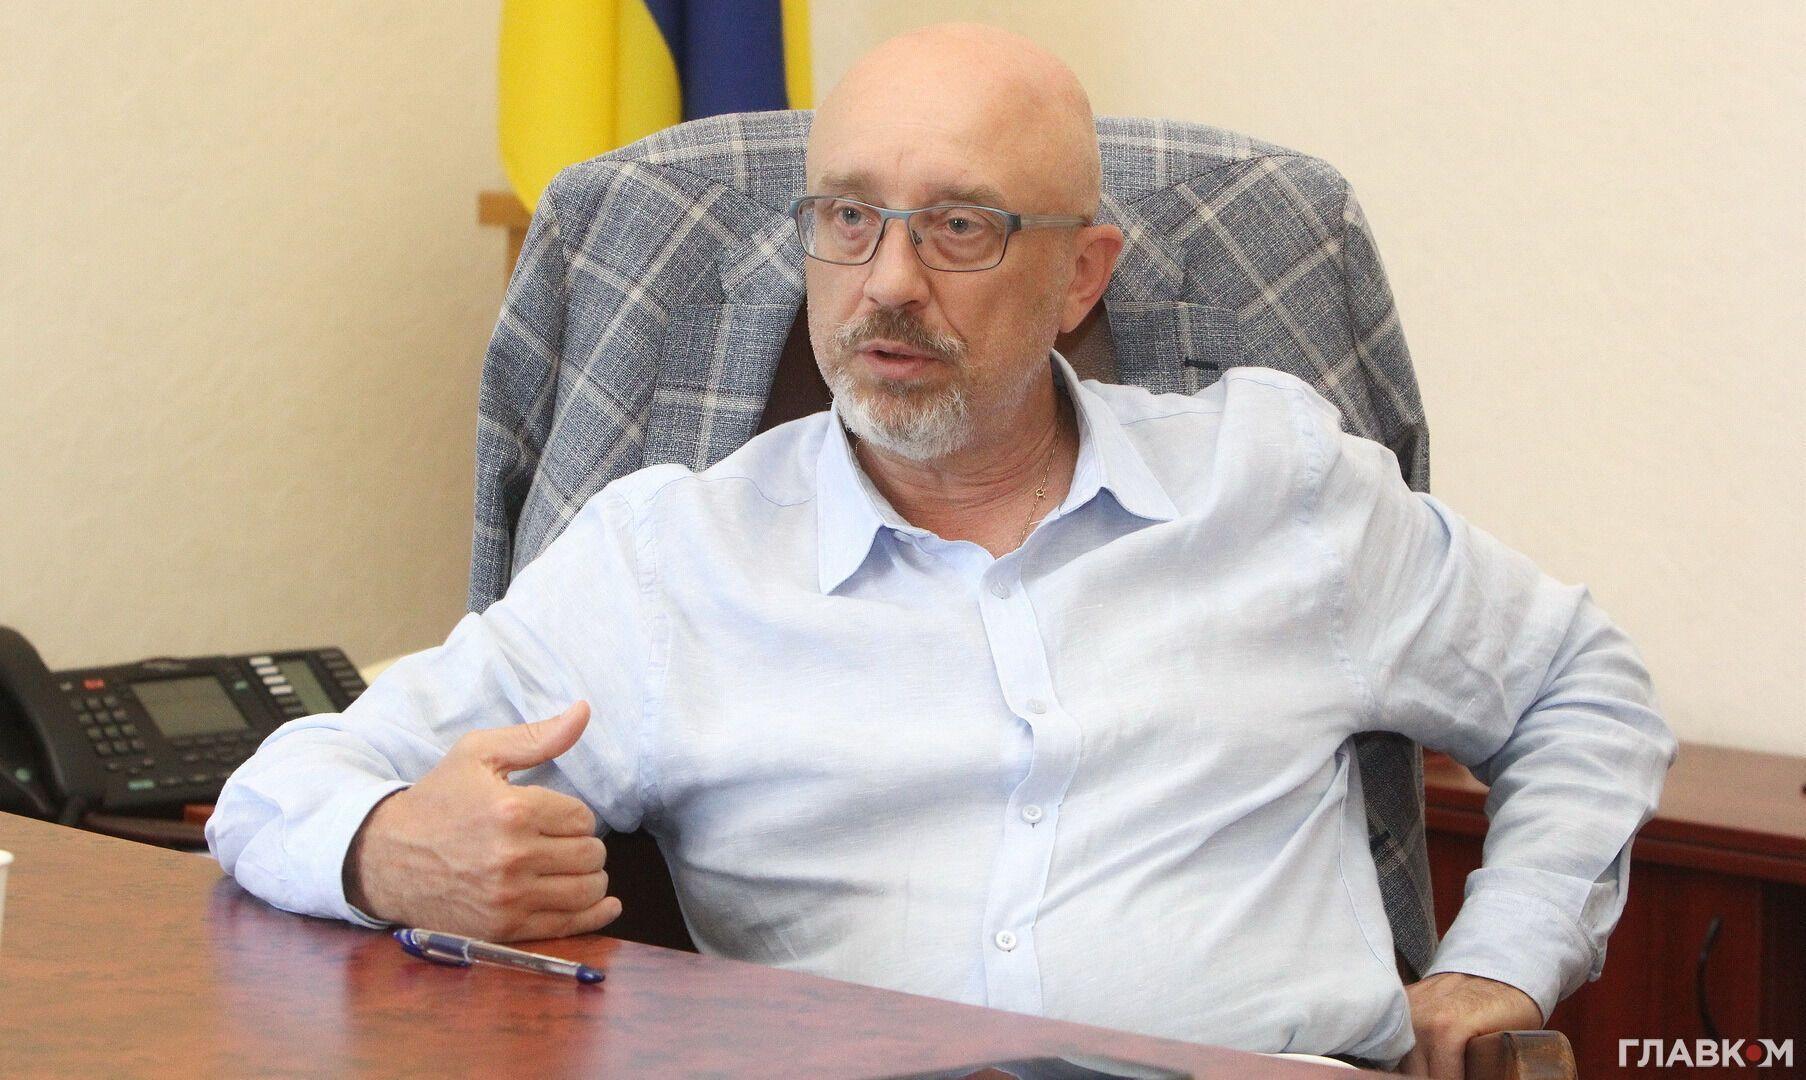 Резников рассказал о стоимости восстановления Донбасса